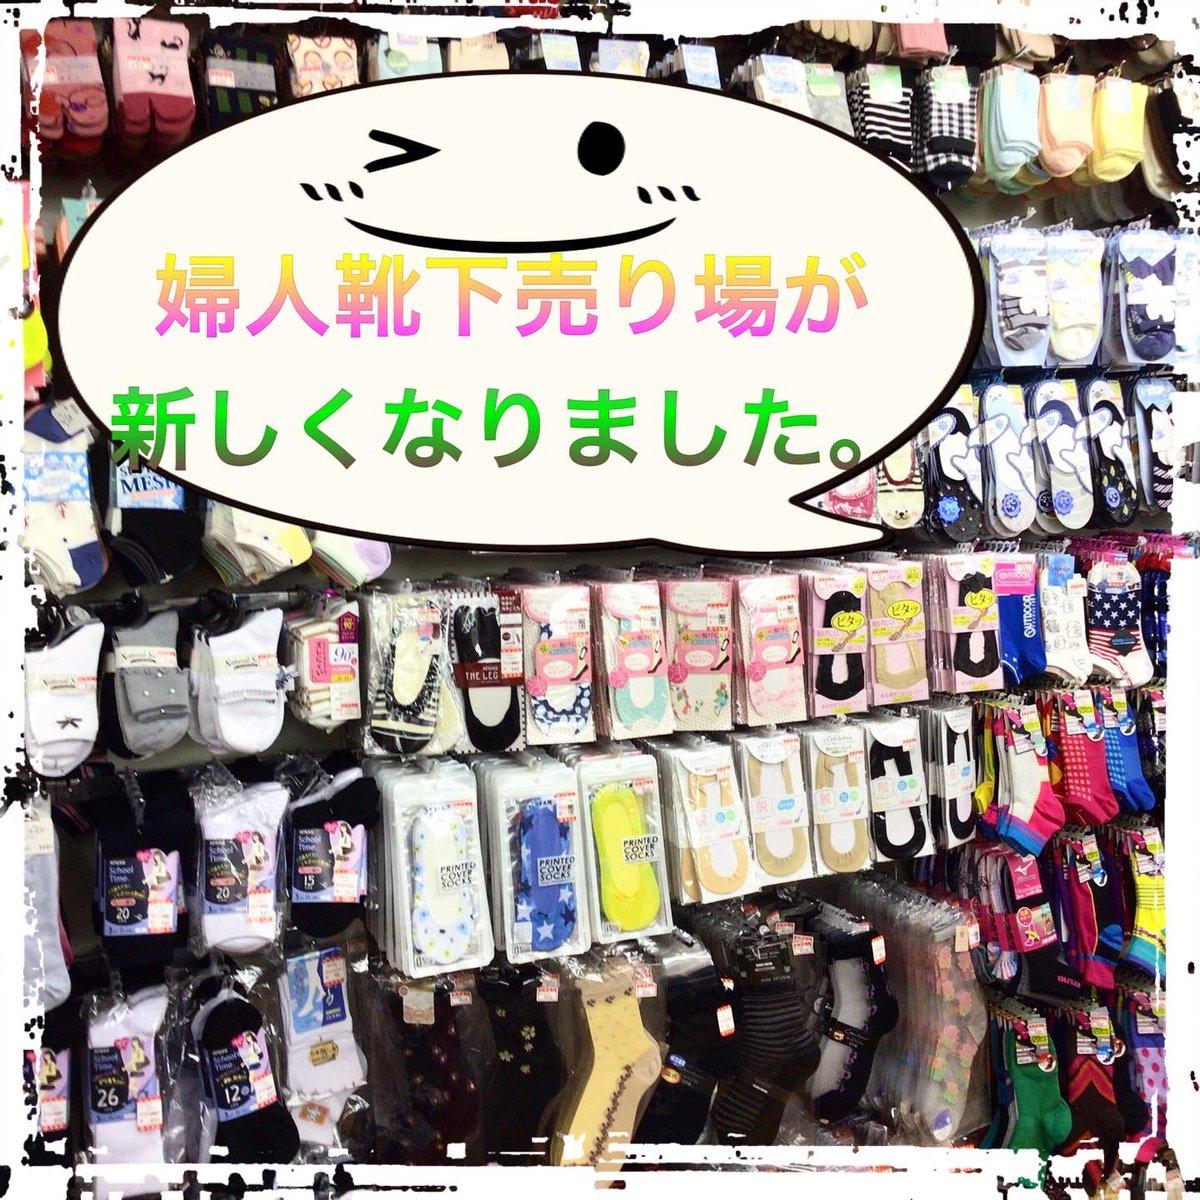 2号館の売り場がブラッシュアップ❣️ 靴下や美容雑貨など、新しい売り場でお客様をお迎えしています🤗(只今1号館は休店中です) https://t.co/xMzkBlS3gu